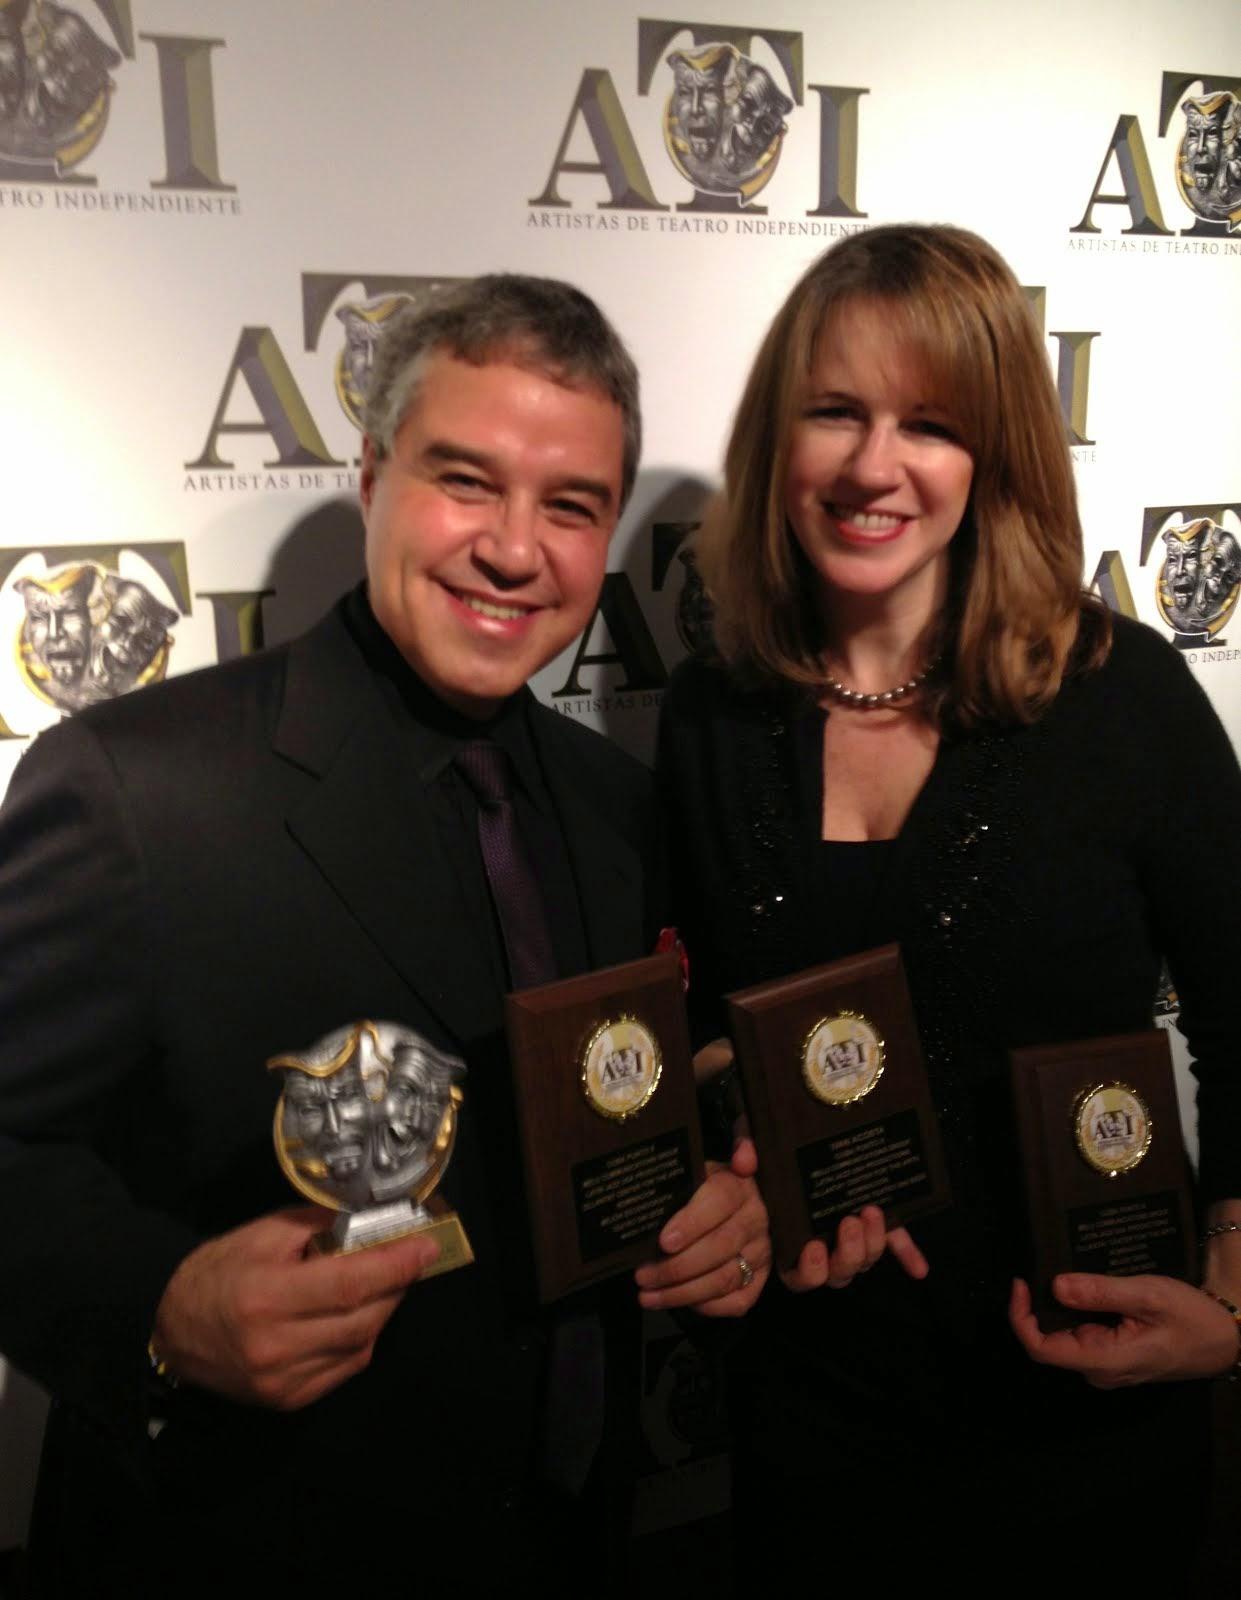 Premios ATI 2013